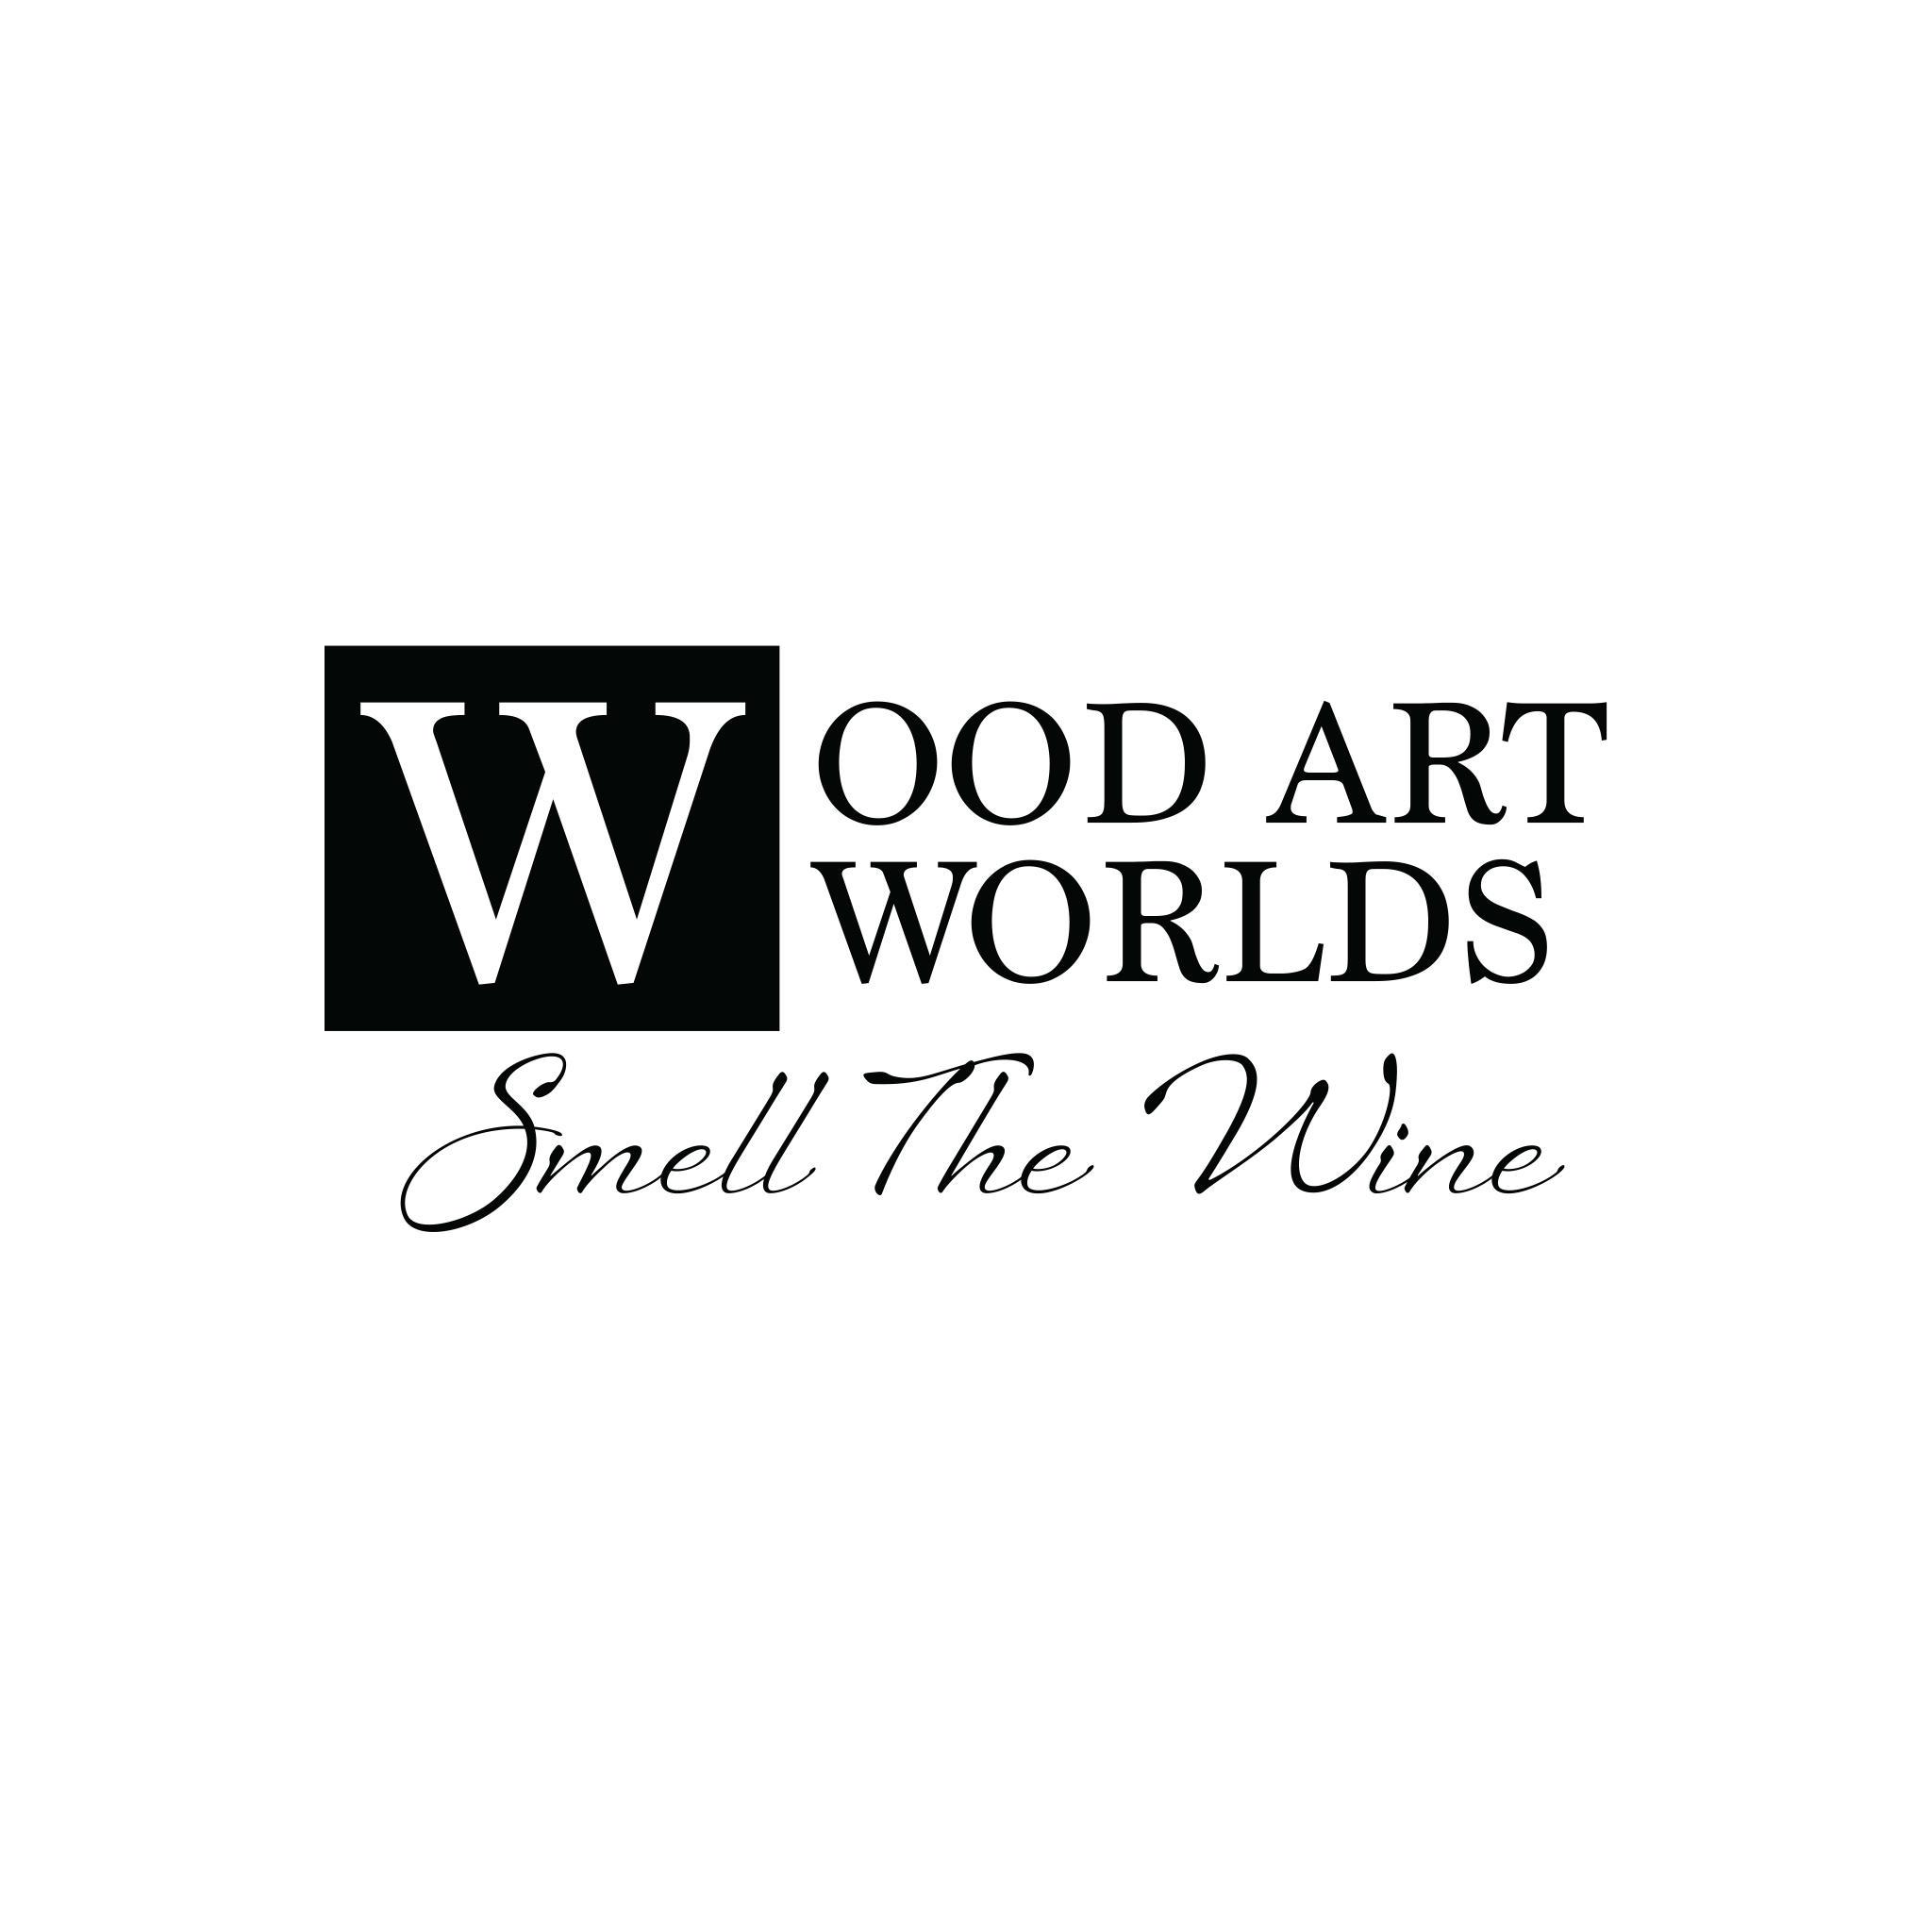 Wood Art Worlds image 3